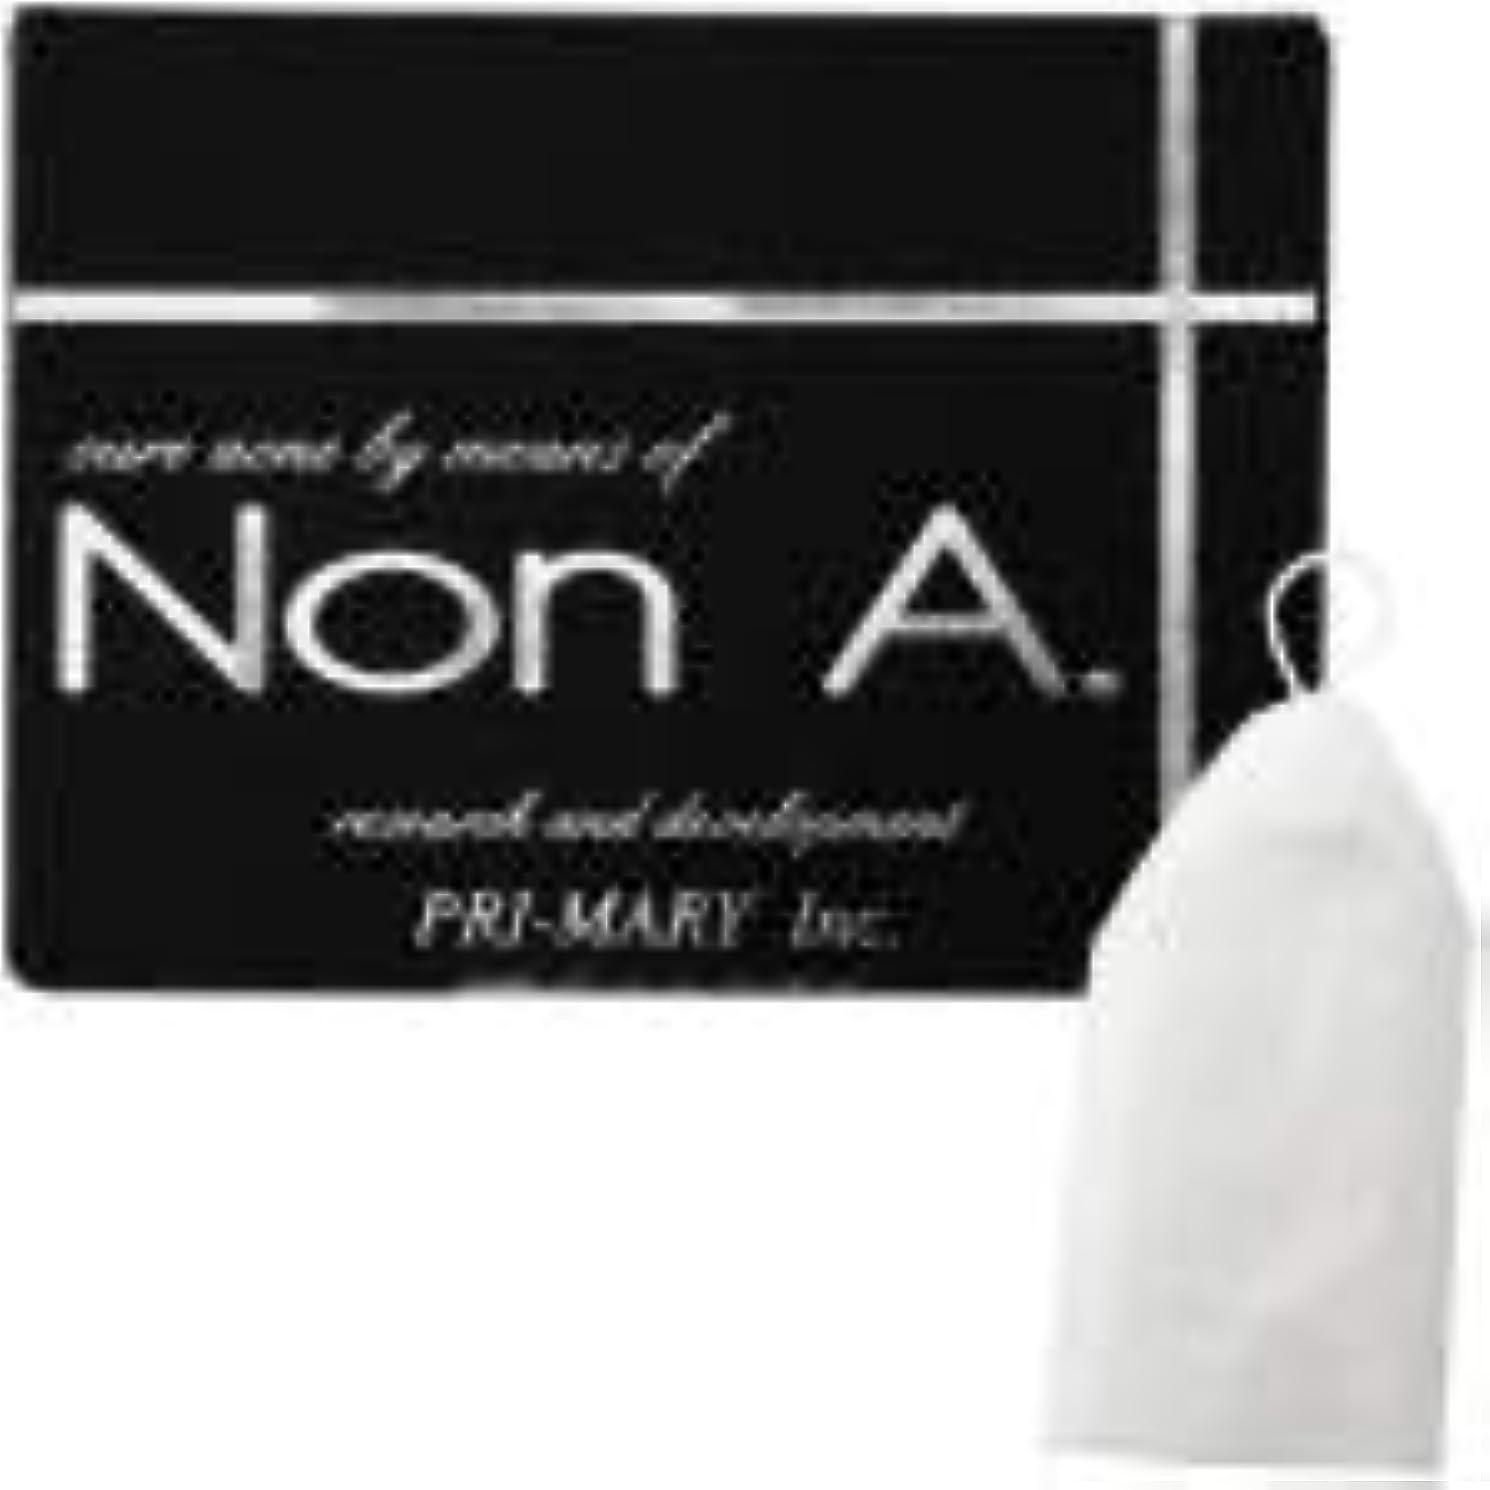 コピー努力道徳のNon A. (ノンエー) 洗顔ソープ [ ニキビ対策 / 100g / 洗顔泡立てネット付 ] 洗顔せっけん ピーリング成分不使用 (プライマリー)